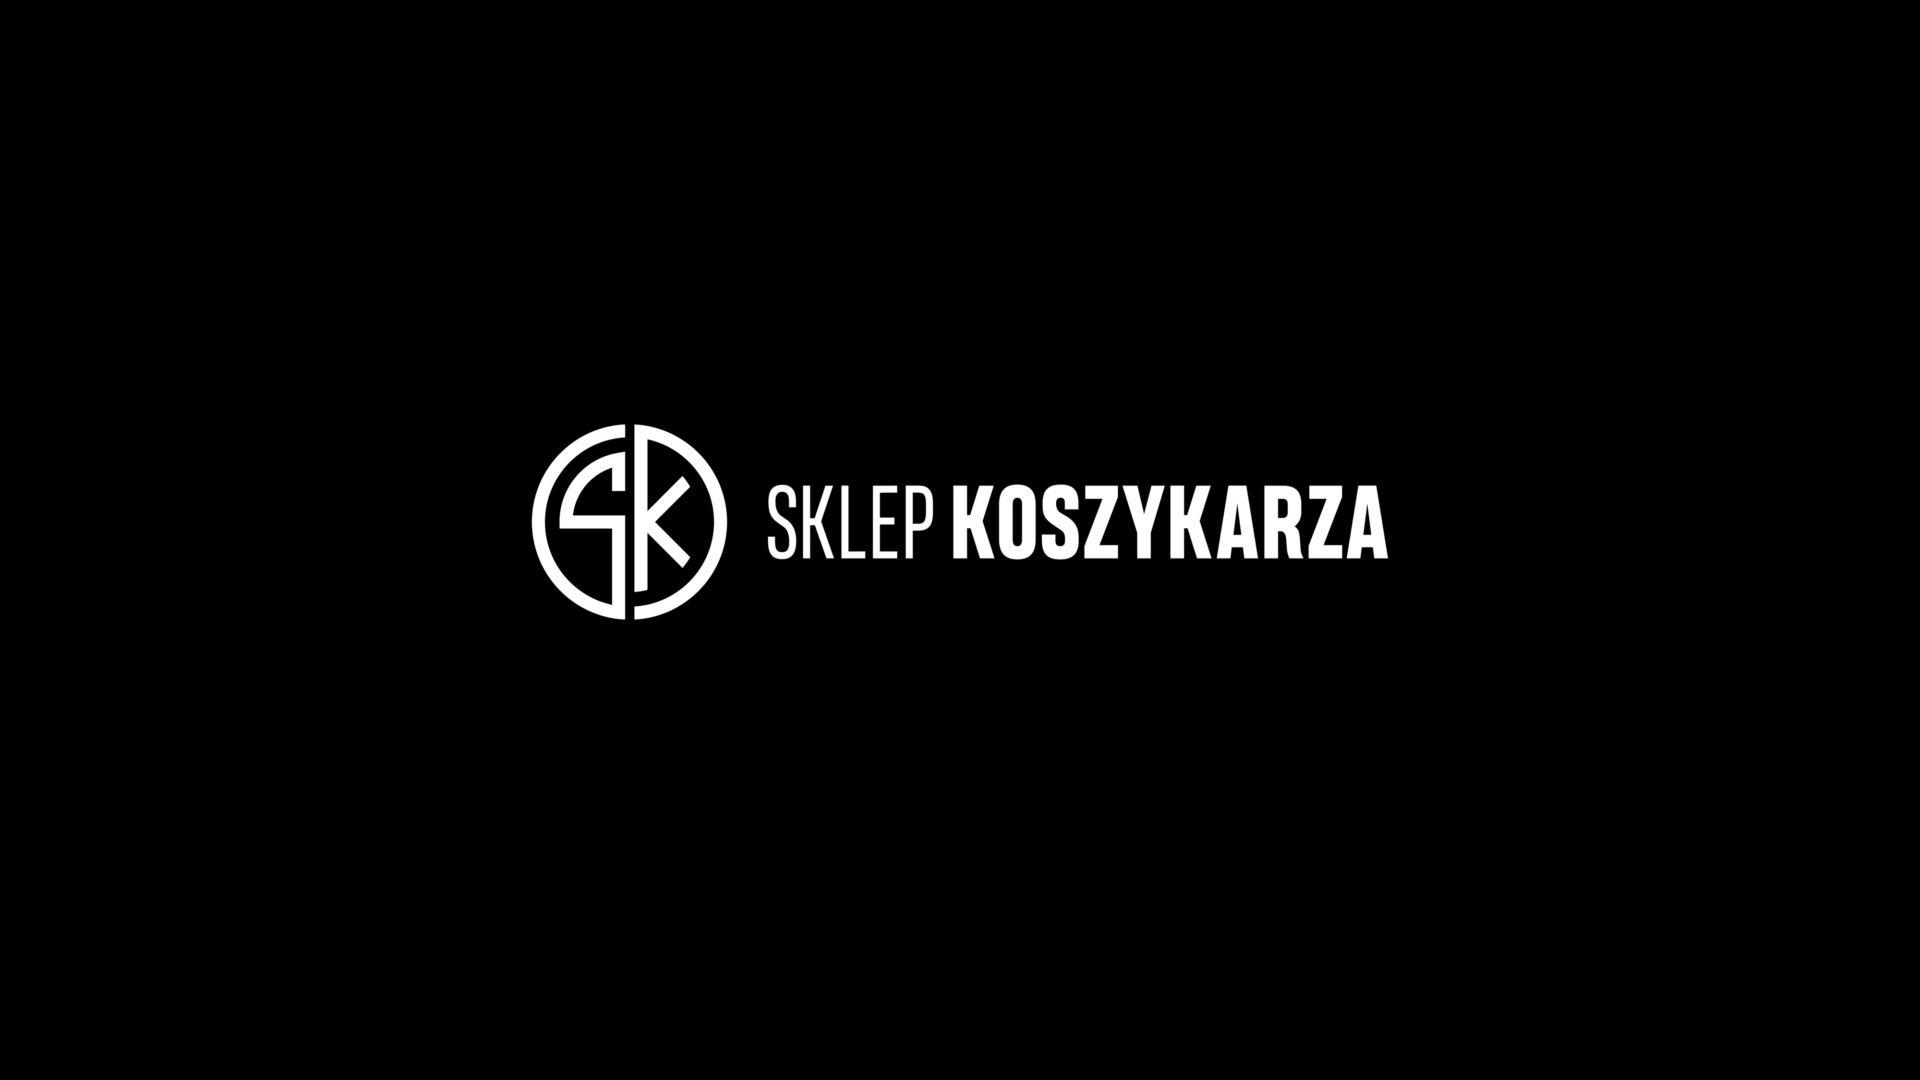 film_reklamowy_film_promocyjny_eventmovie_sklep_koszykarza